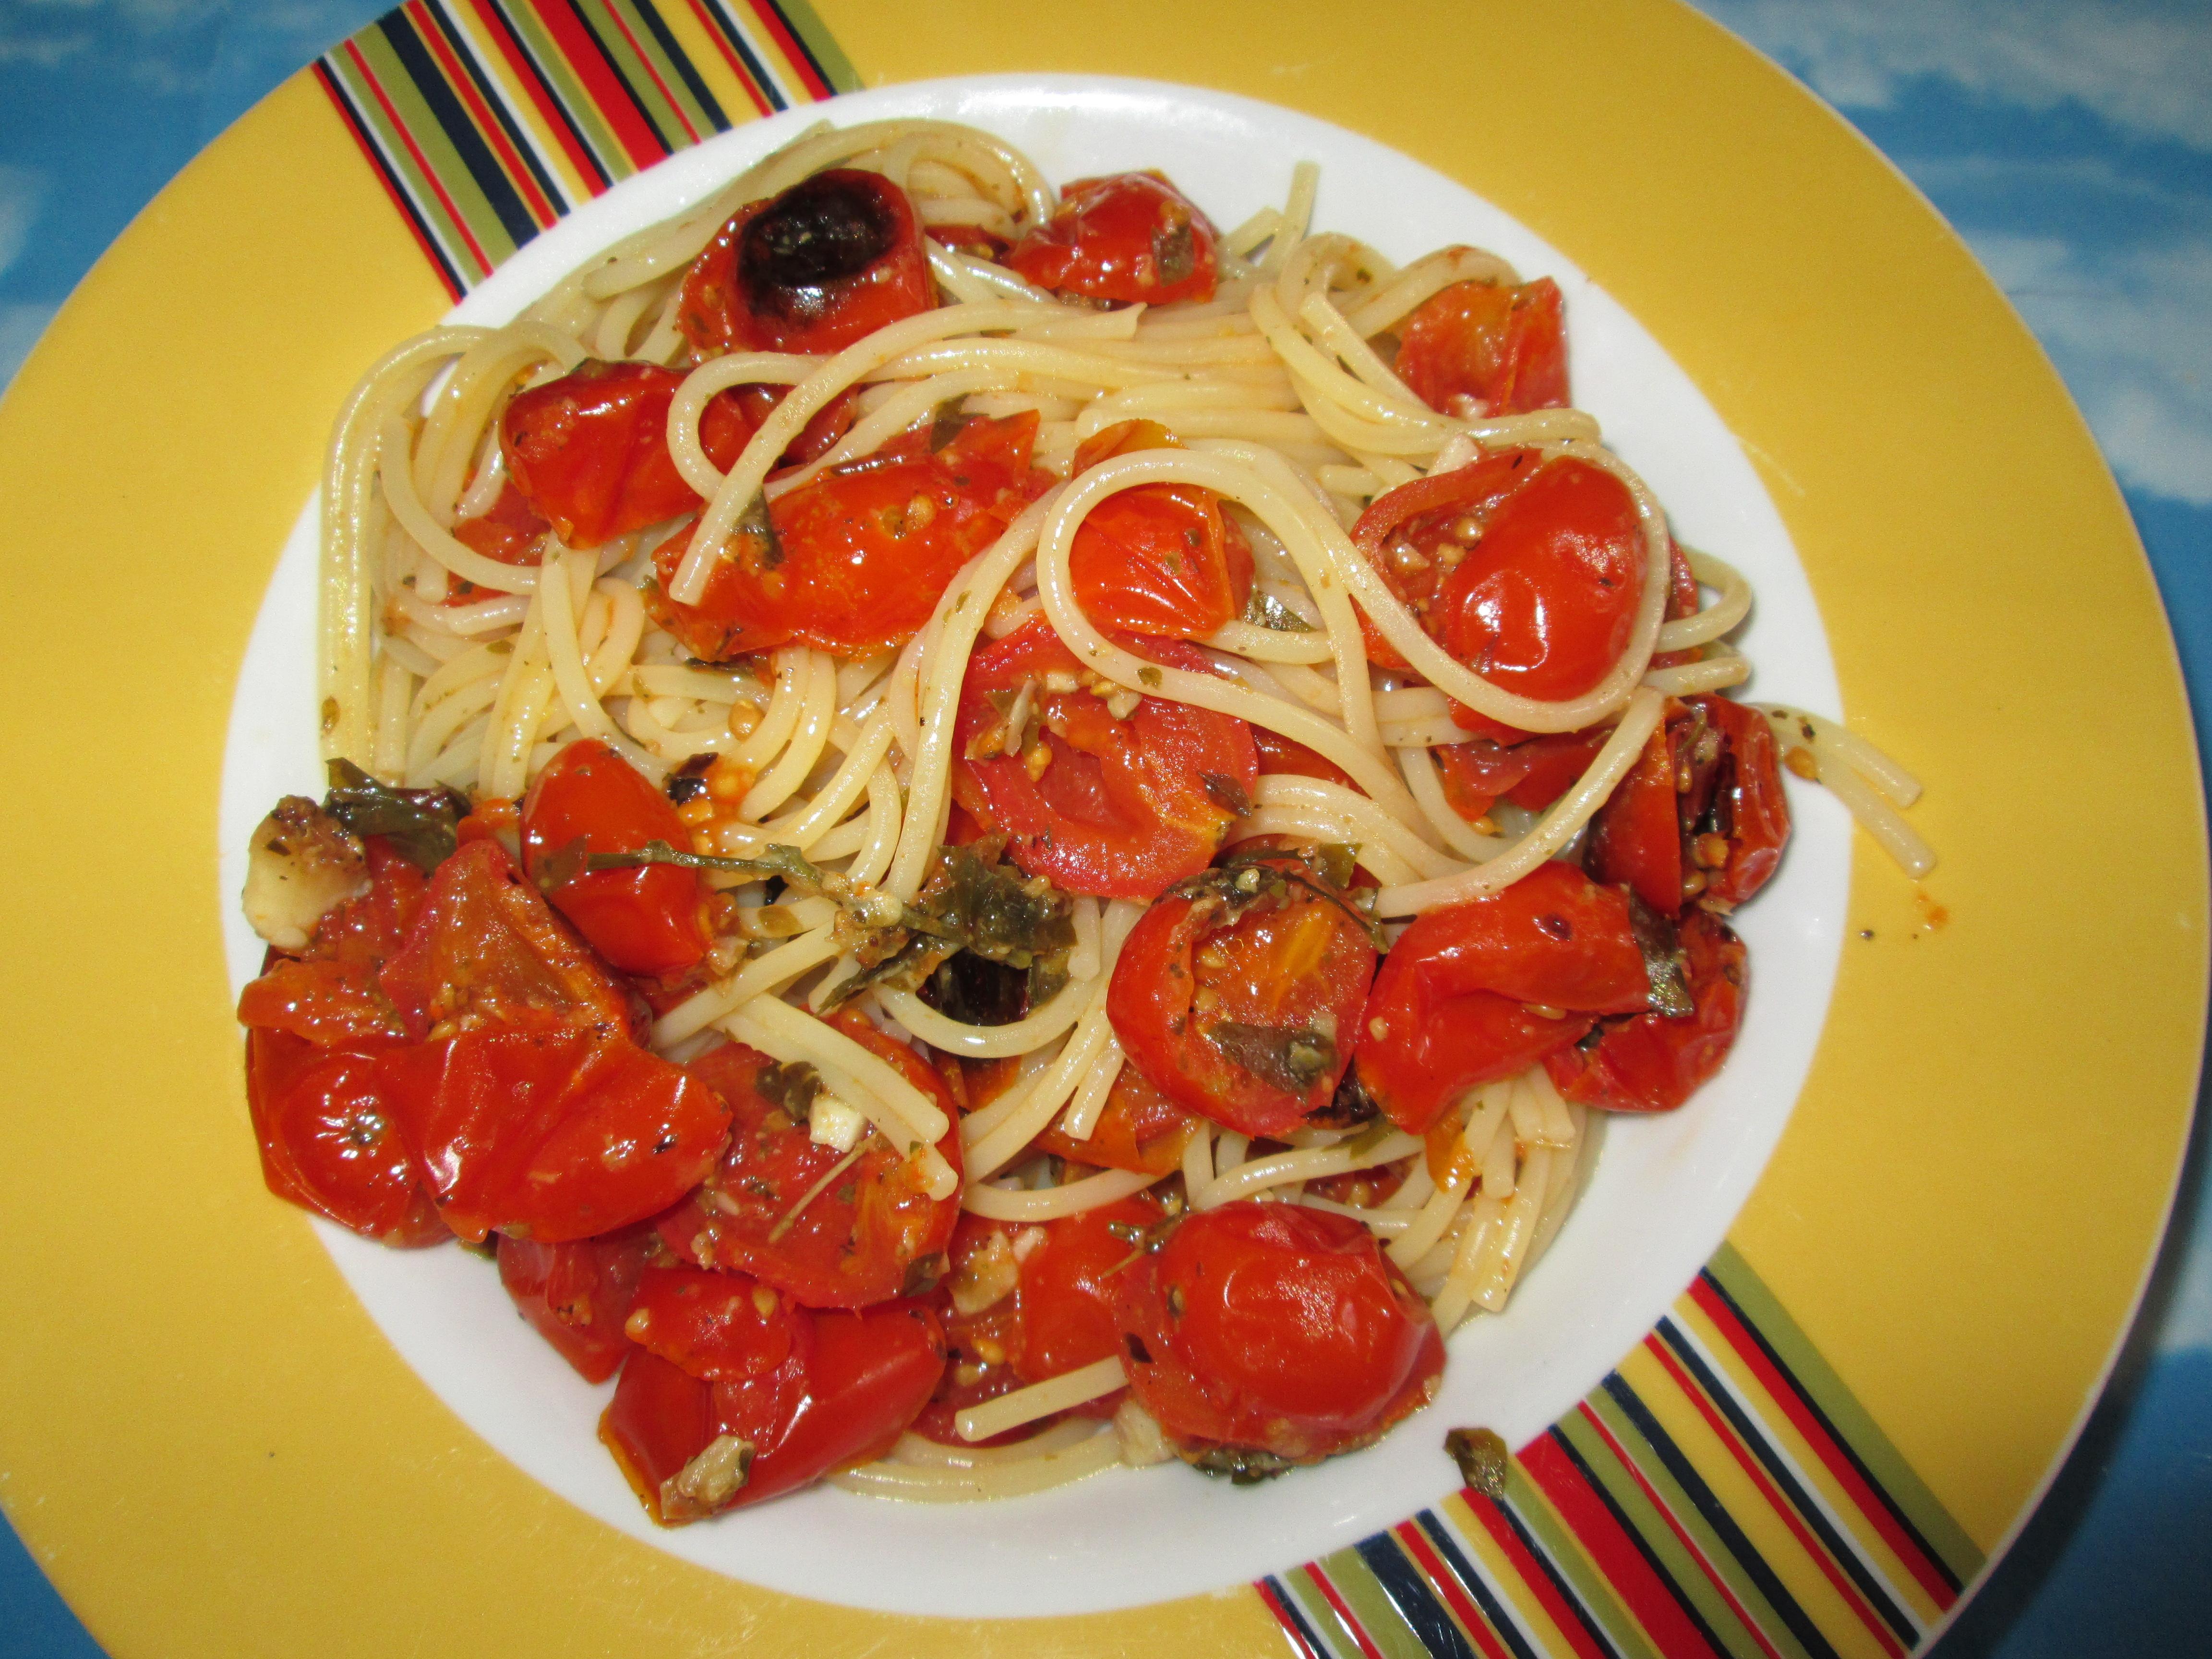 Spaghetti con pomodori al forno